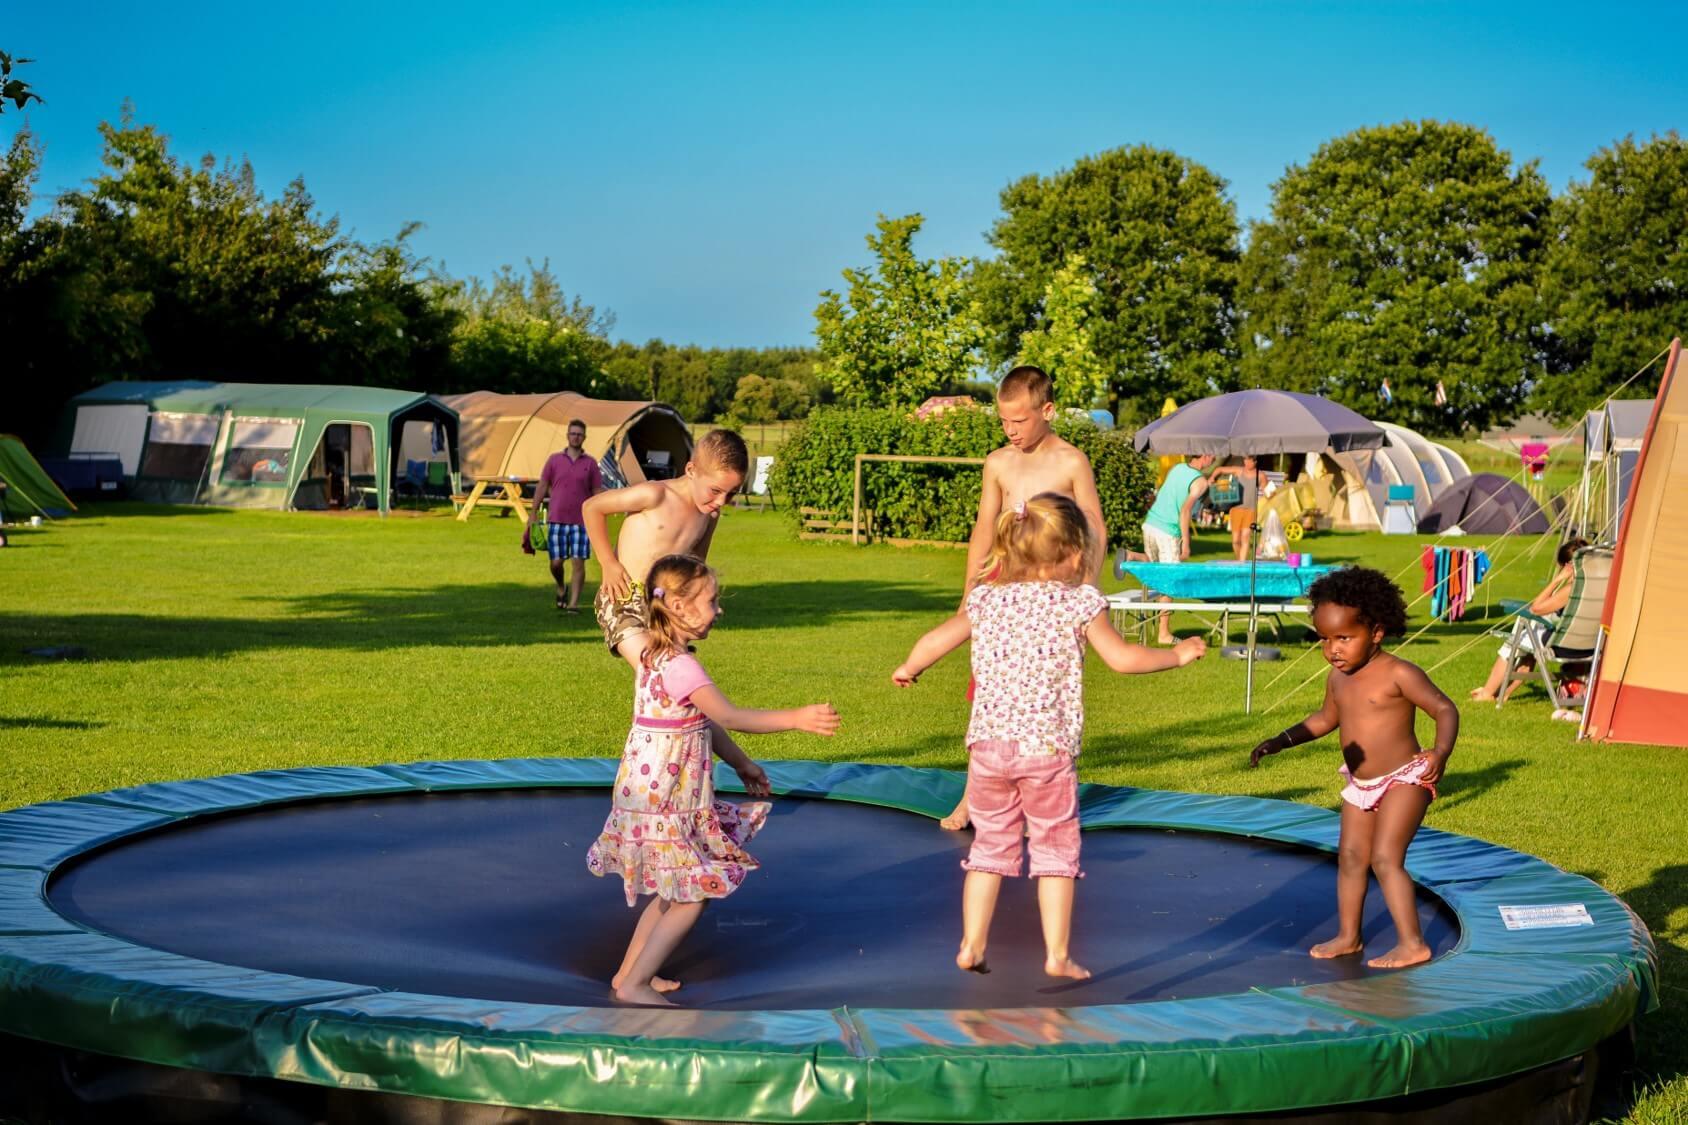 De kindvriendelijke kleine camping in Drenthe